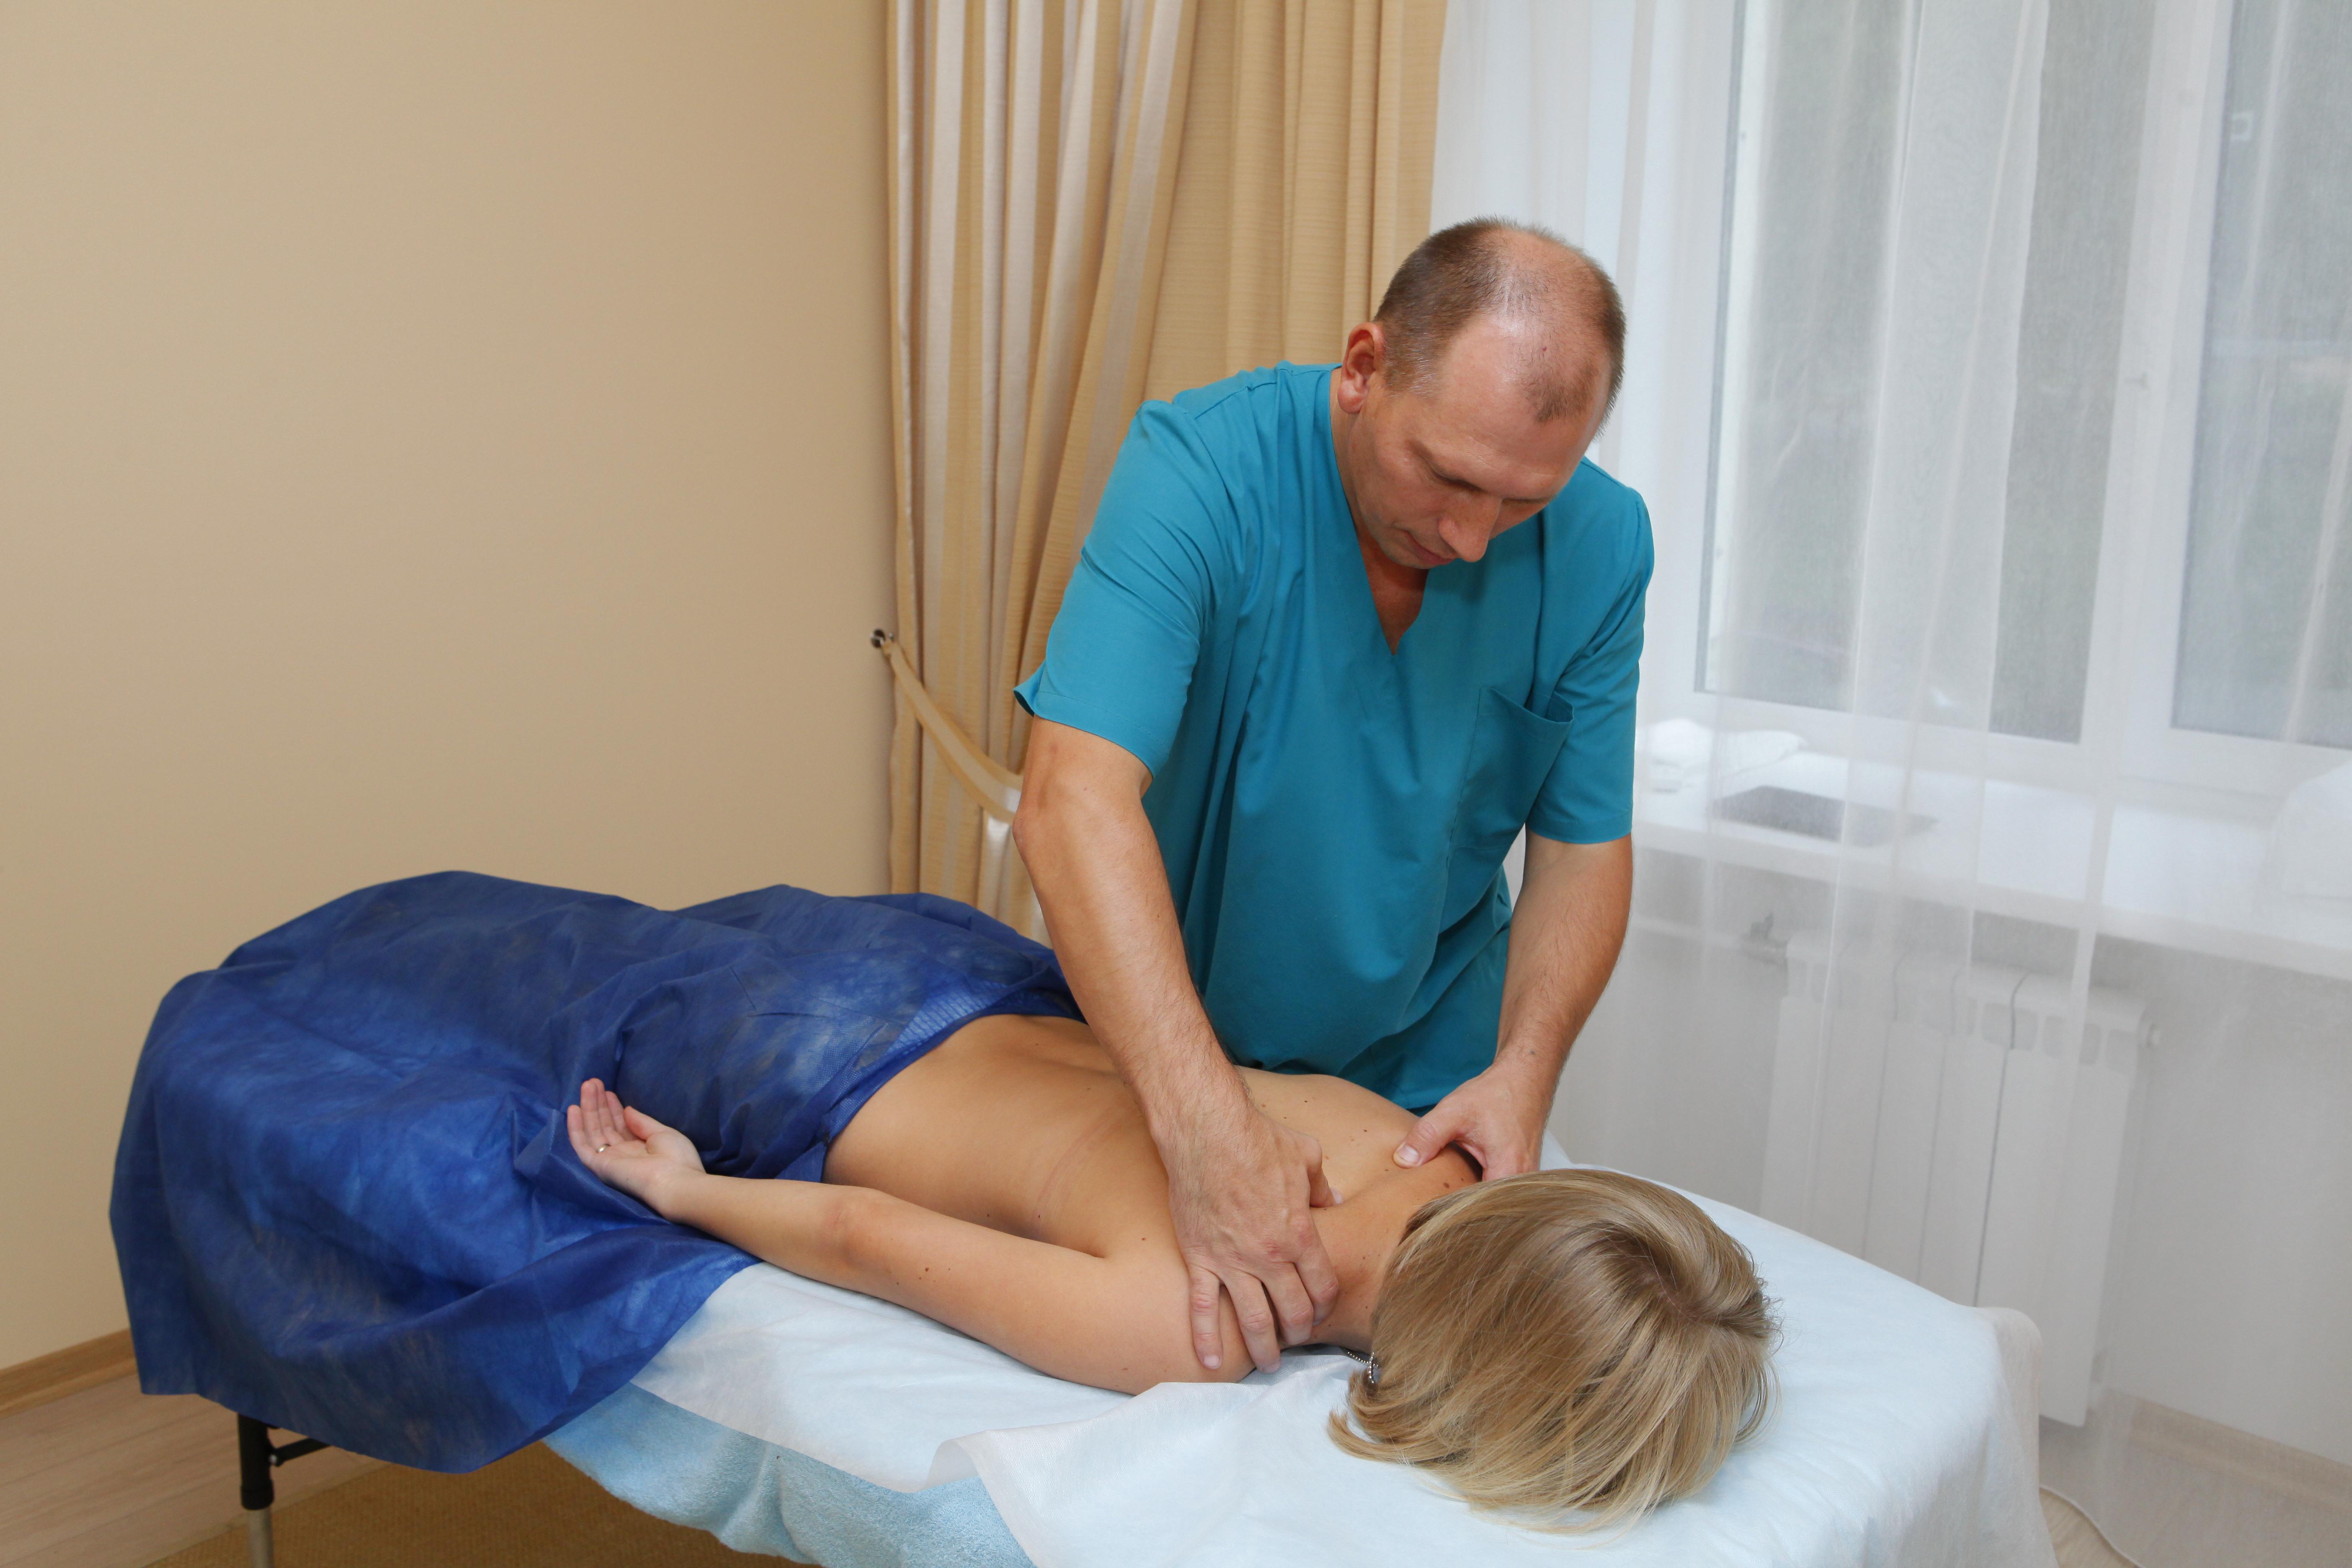 Остеопатия: что это такое и что лечит у детей и взрослых